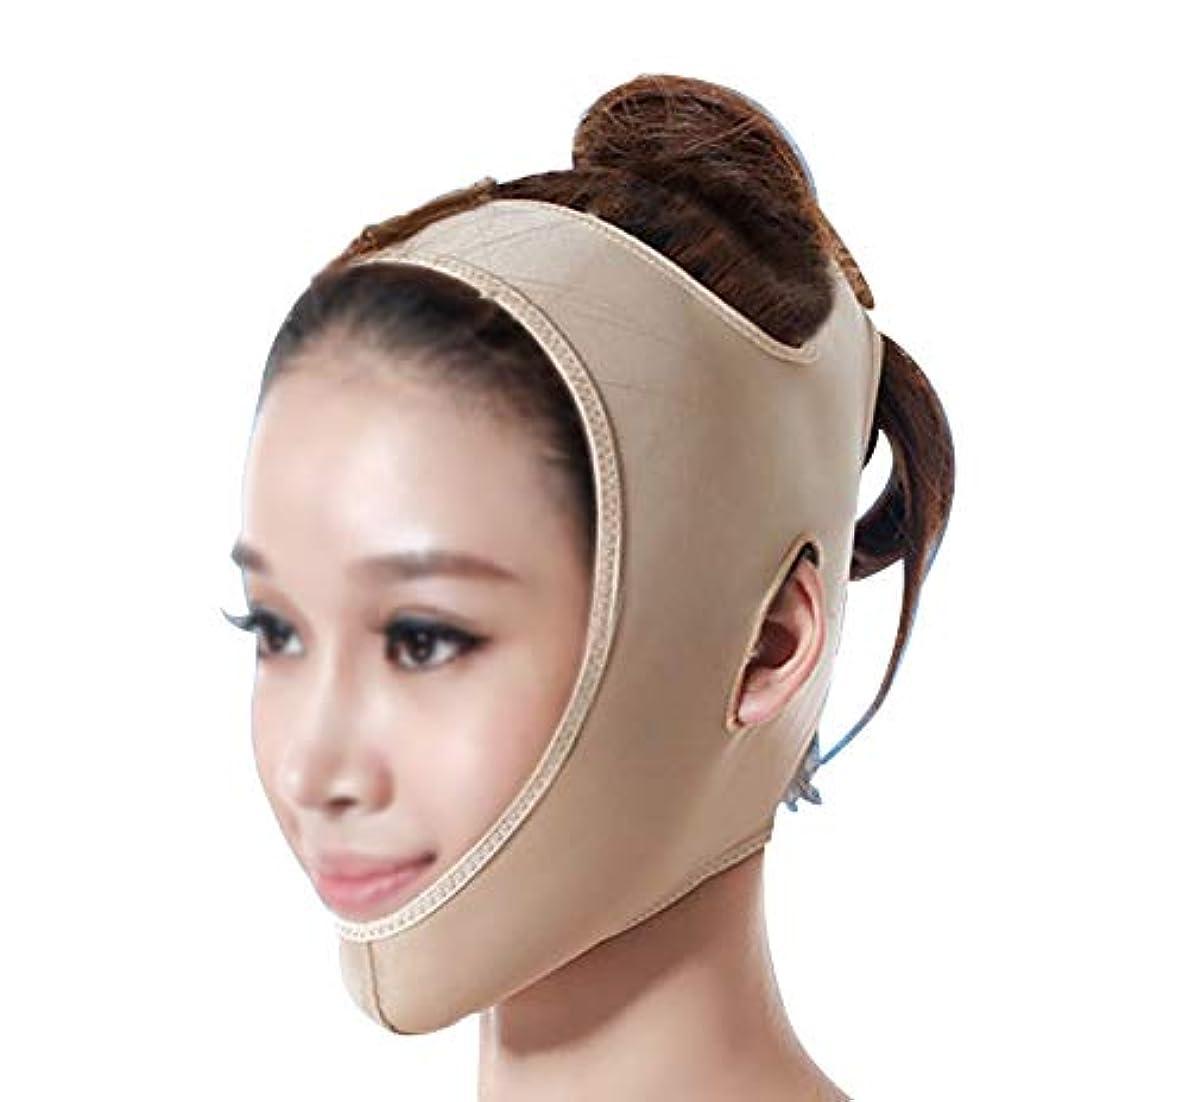 レコーダーデモンストレーション乗り出すGLJJQMY 顔と首リフト減量顔アーティファクトマスク垂れ下がり薄い筋肉咬筋ダブルあご顔面引き締め引き締め首カバー 顔用整形マスク (Size : S)